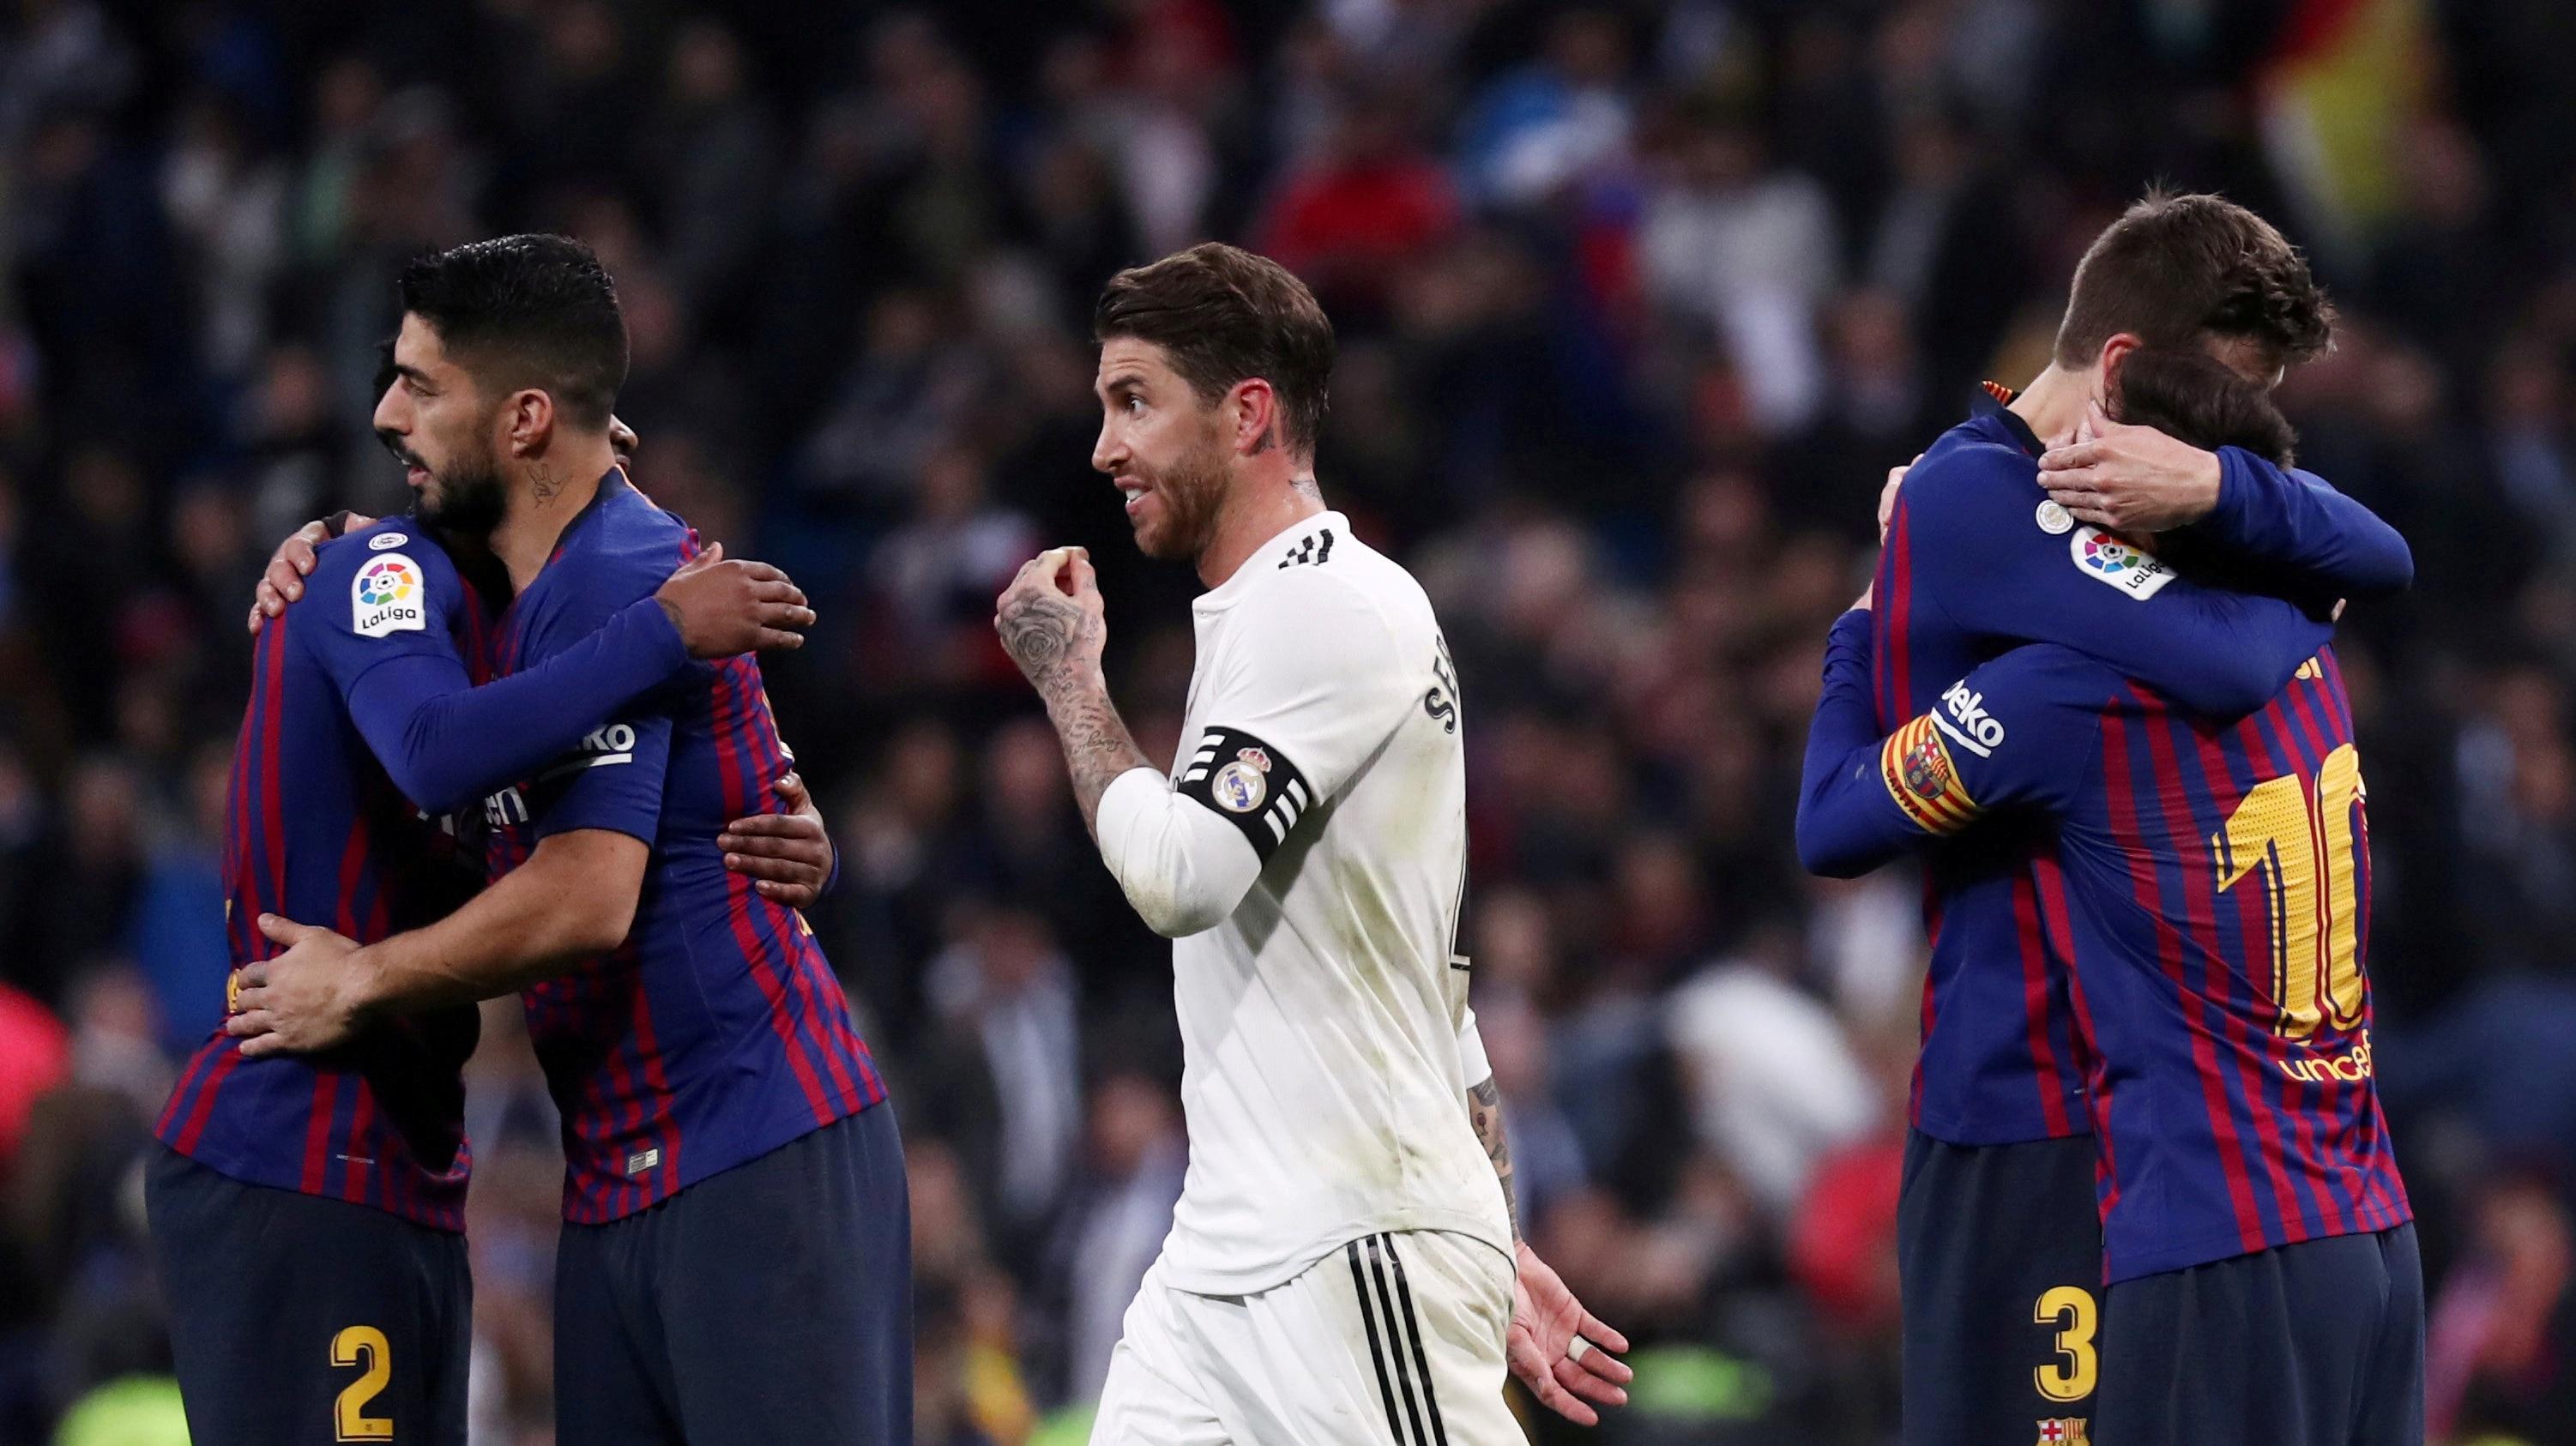 Barcelona achicó distancias, pero el Real Madrid puede ser campeón de La Liga este lunes: qué resultados necesita y el fixture   - Infobae